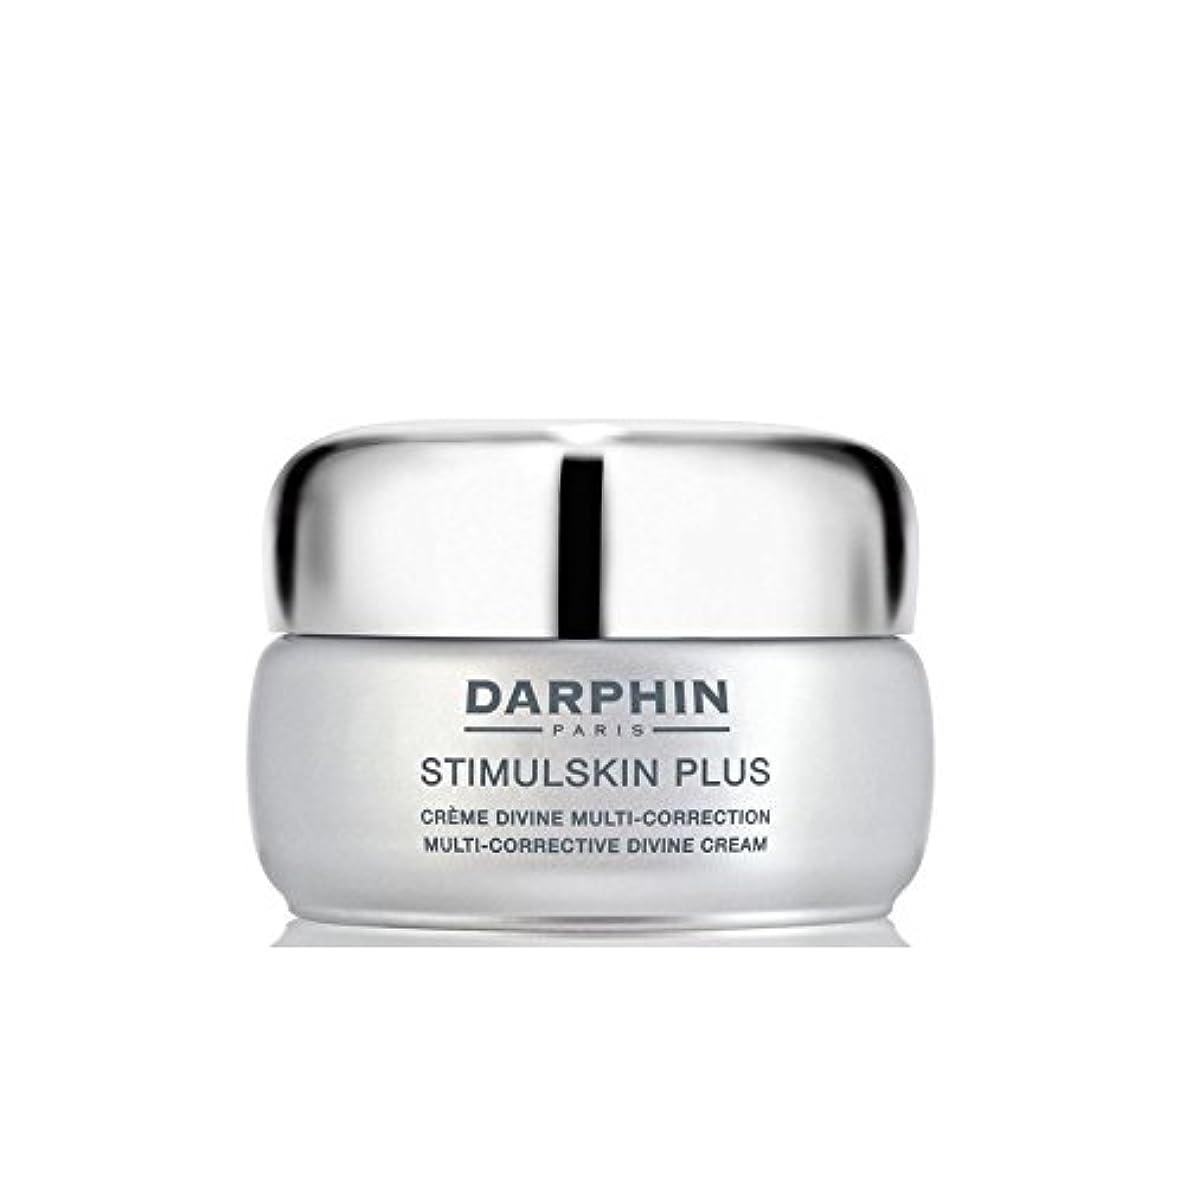 気をつけて重要な抹消Darphin Stimulskin Plus Multi-Corrective Divine Cream - Rich - ダルファンスティプラスマルチ是正神クリーム - 豊富 [並行輸入品]